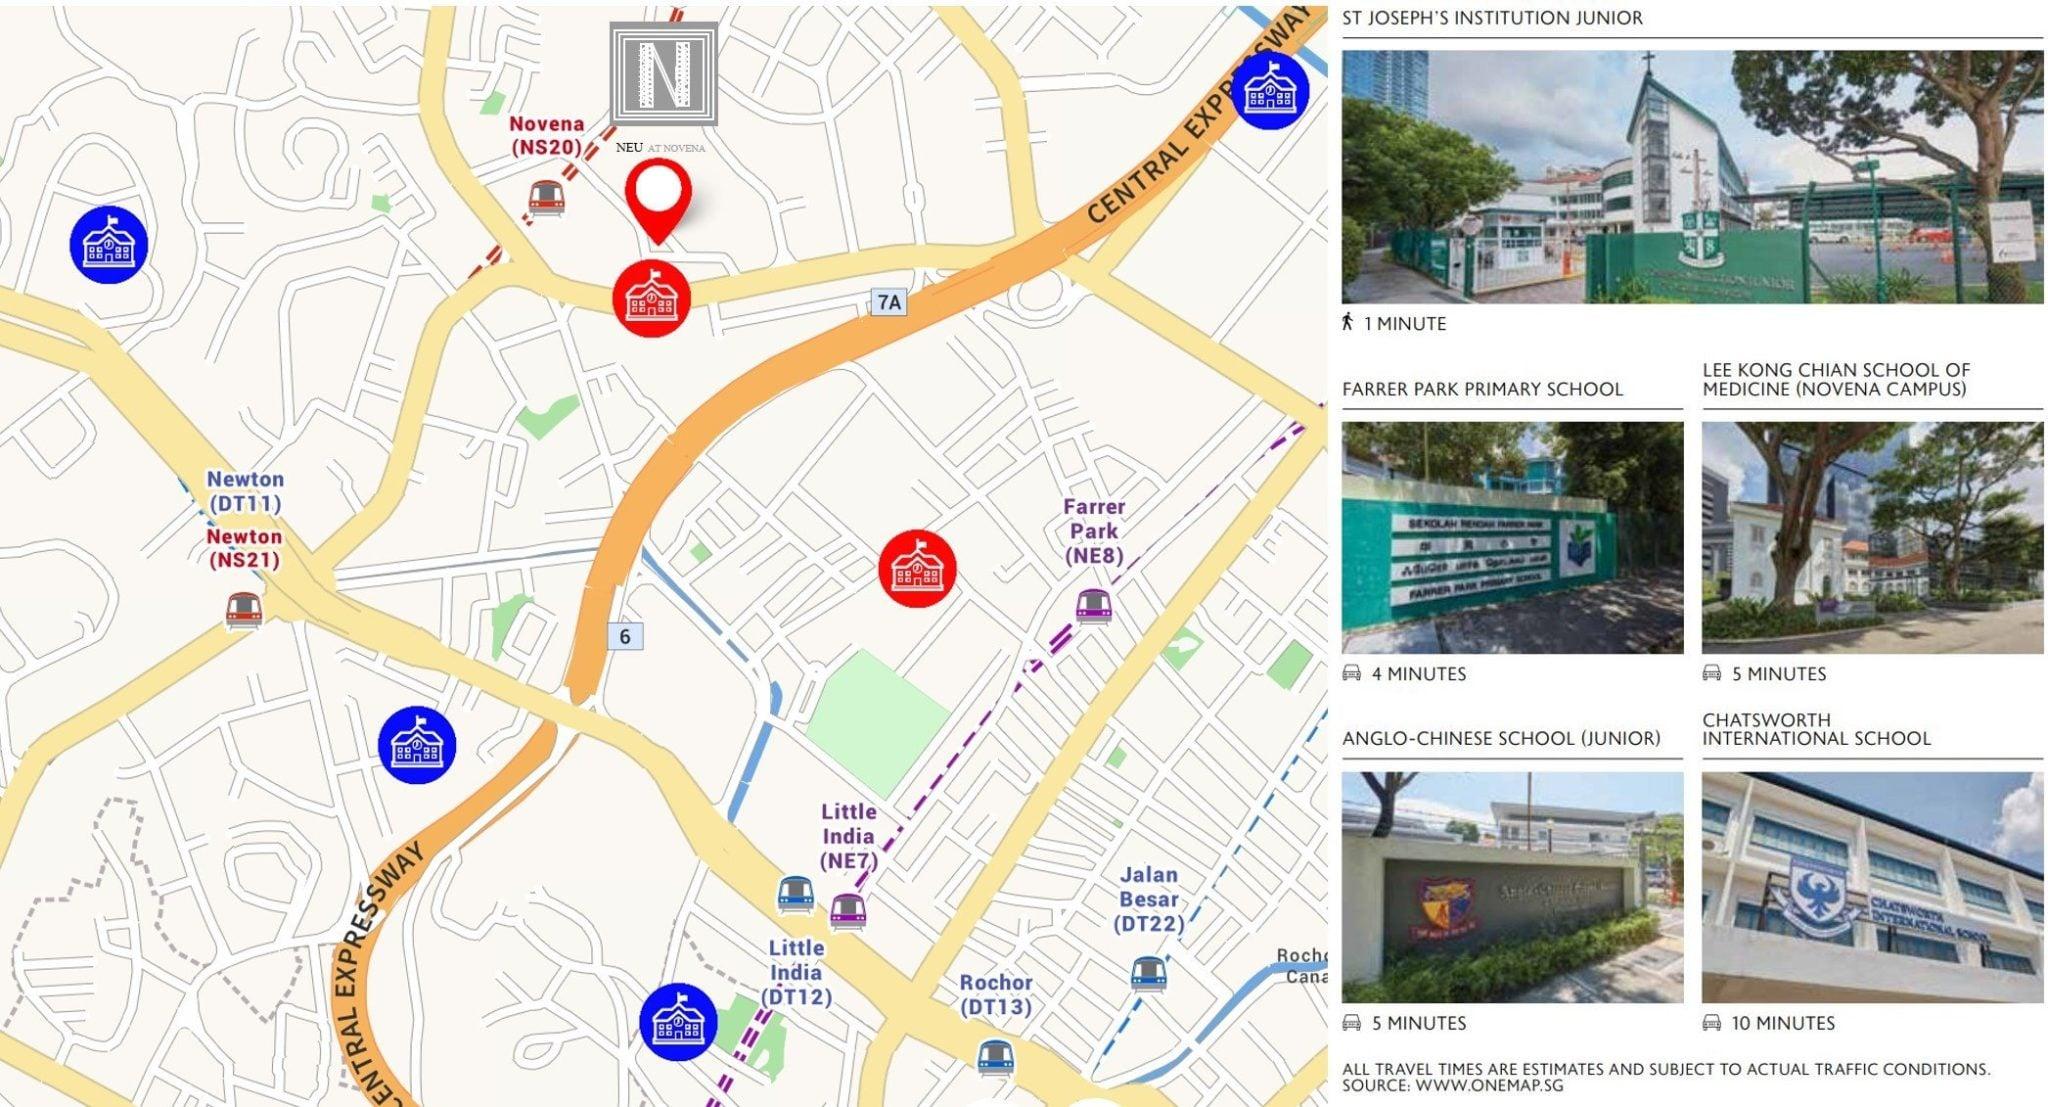 Neu Novena Nearby Schools